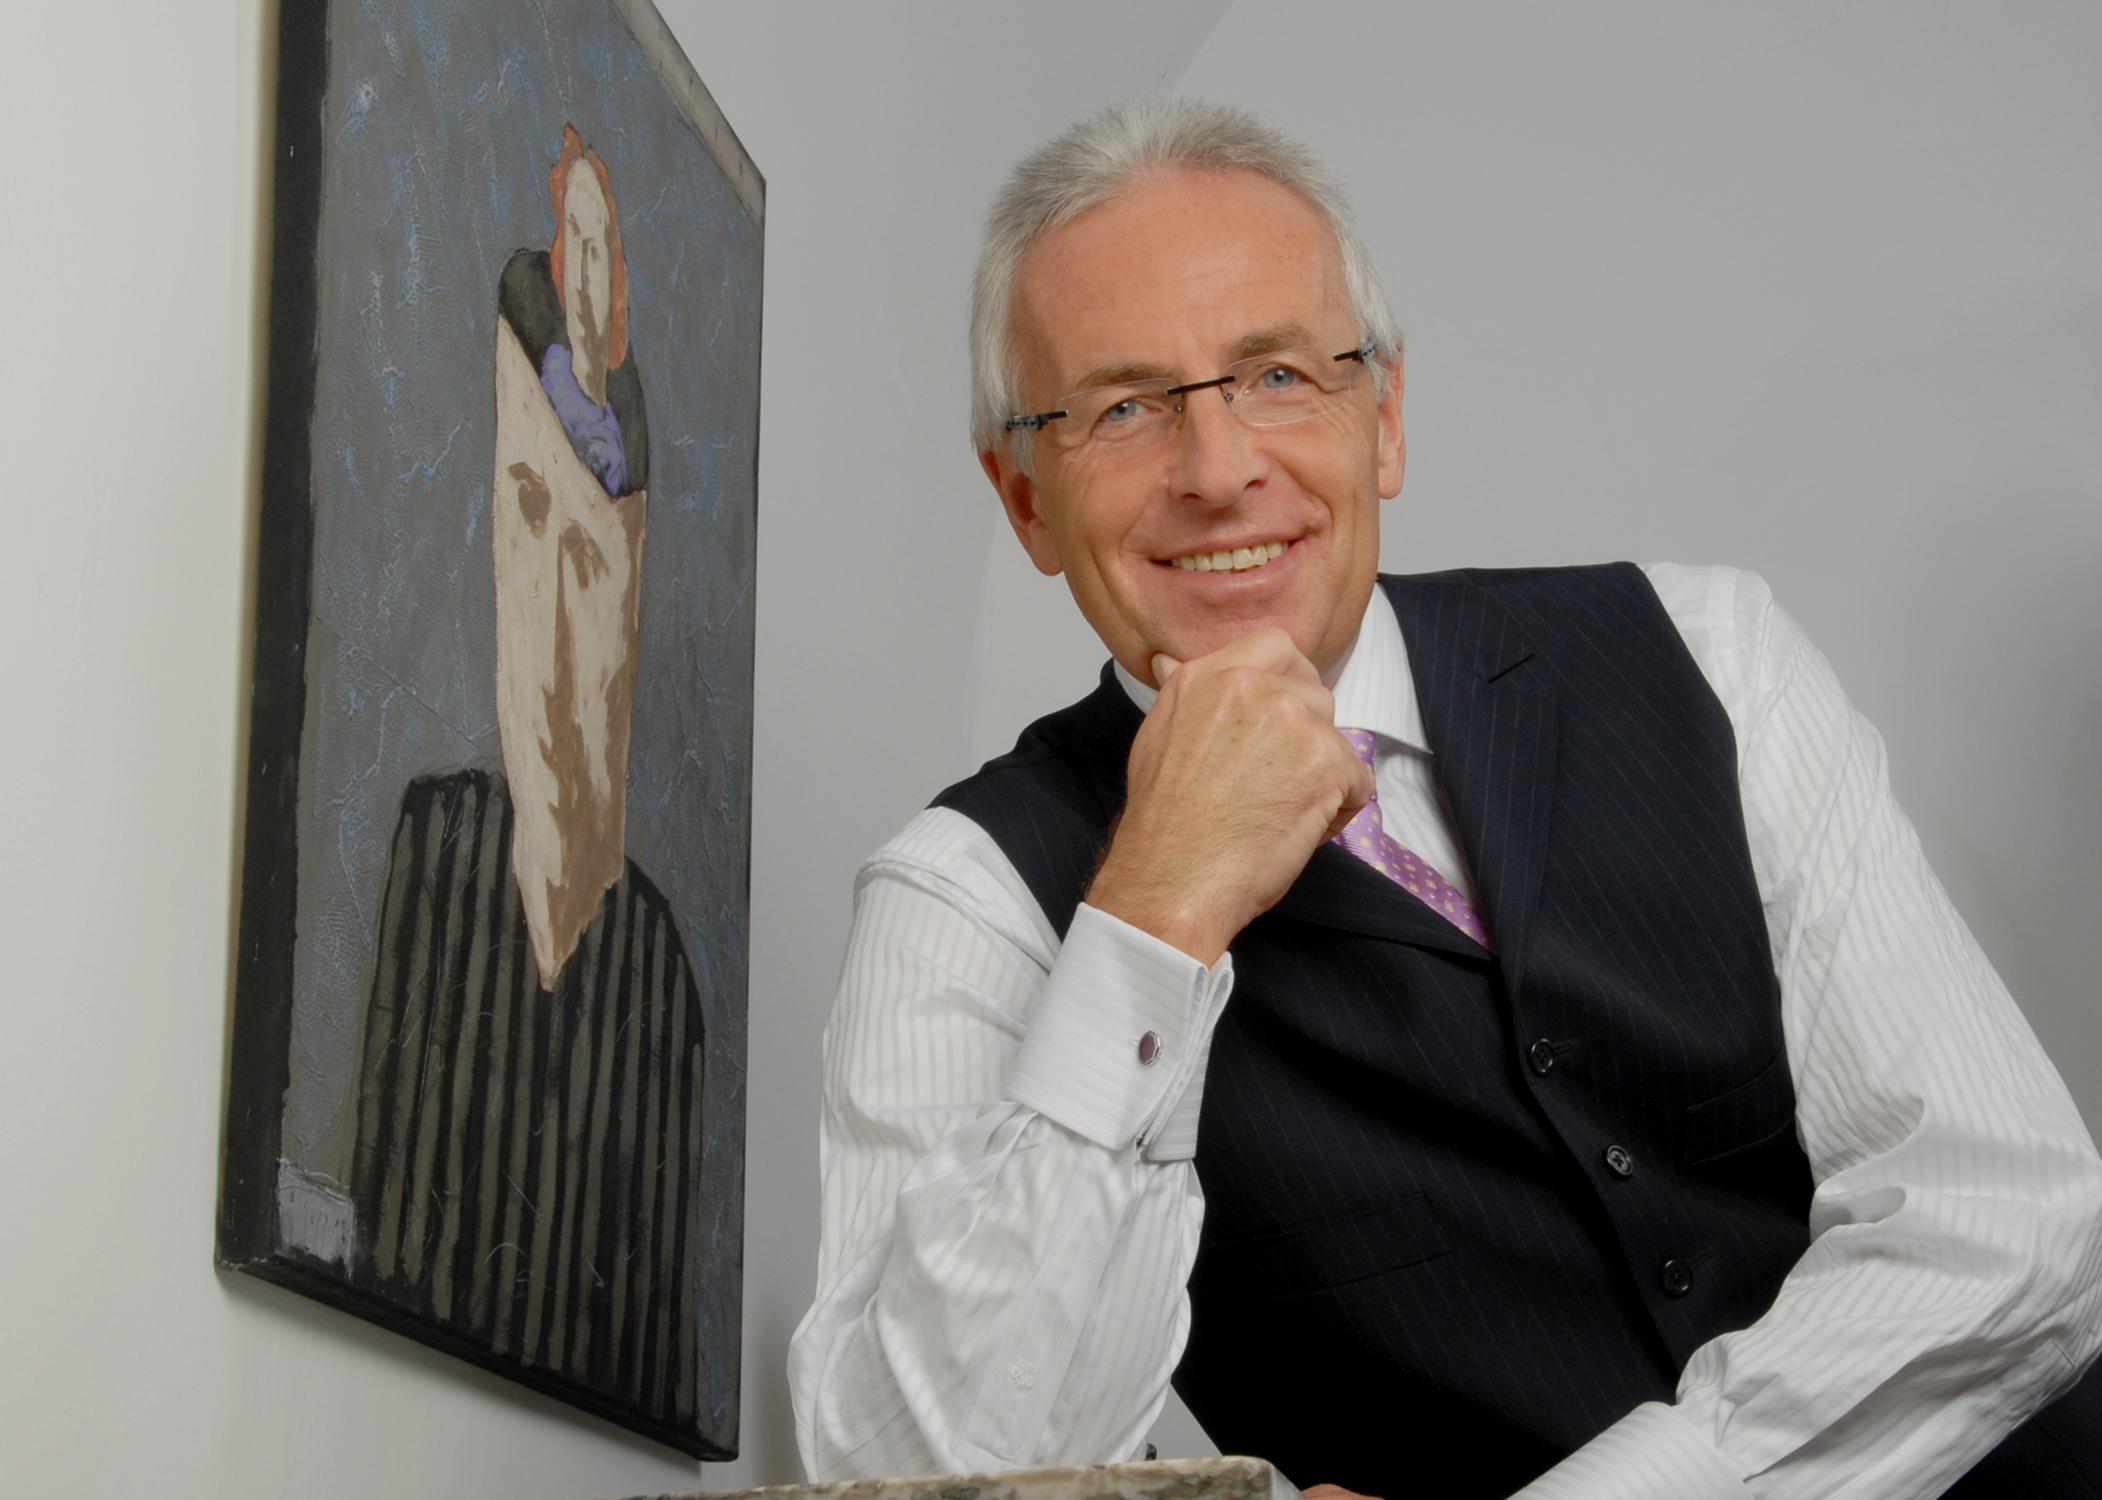 Lachendes Portrait von Günter Tengel, neben einem gemalten Portrait posierend